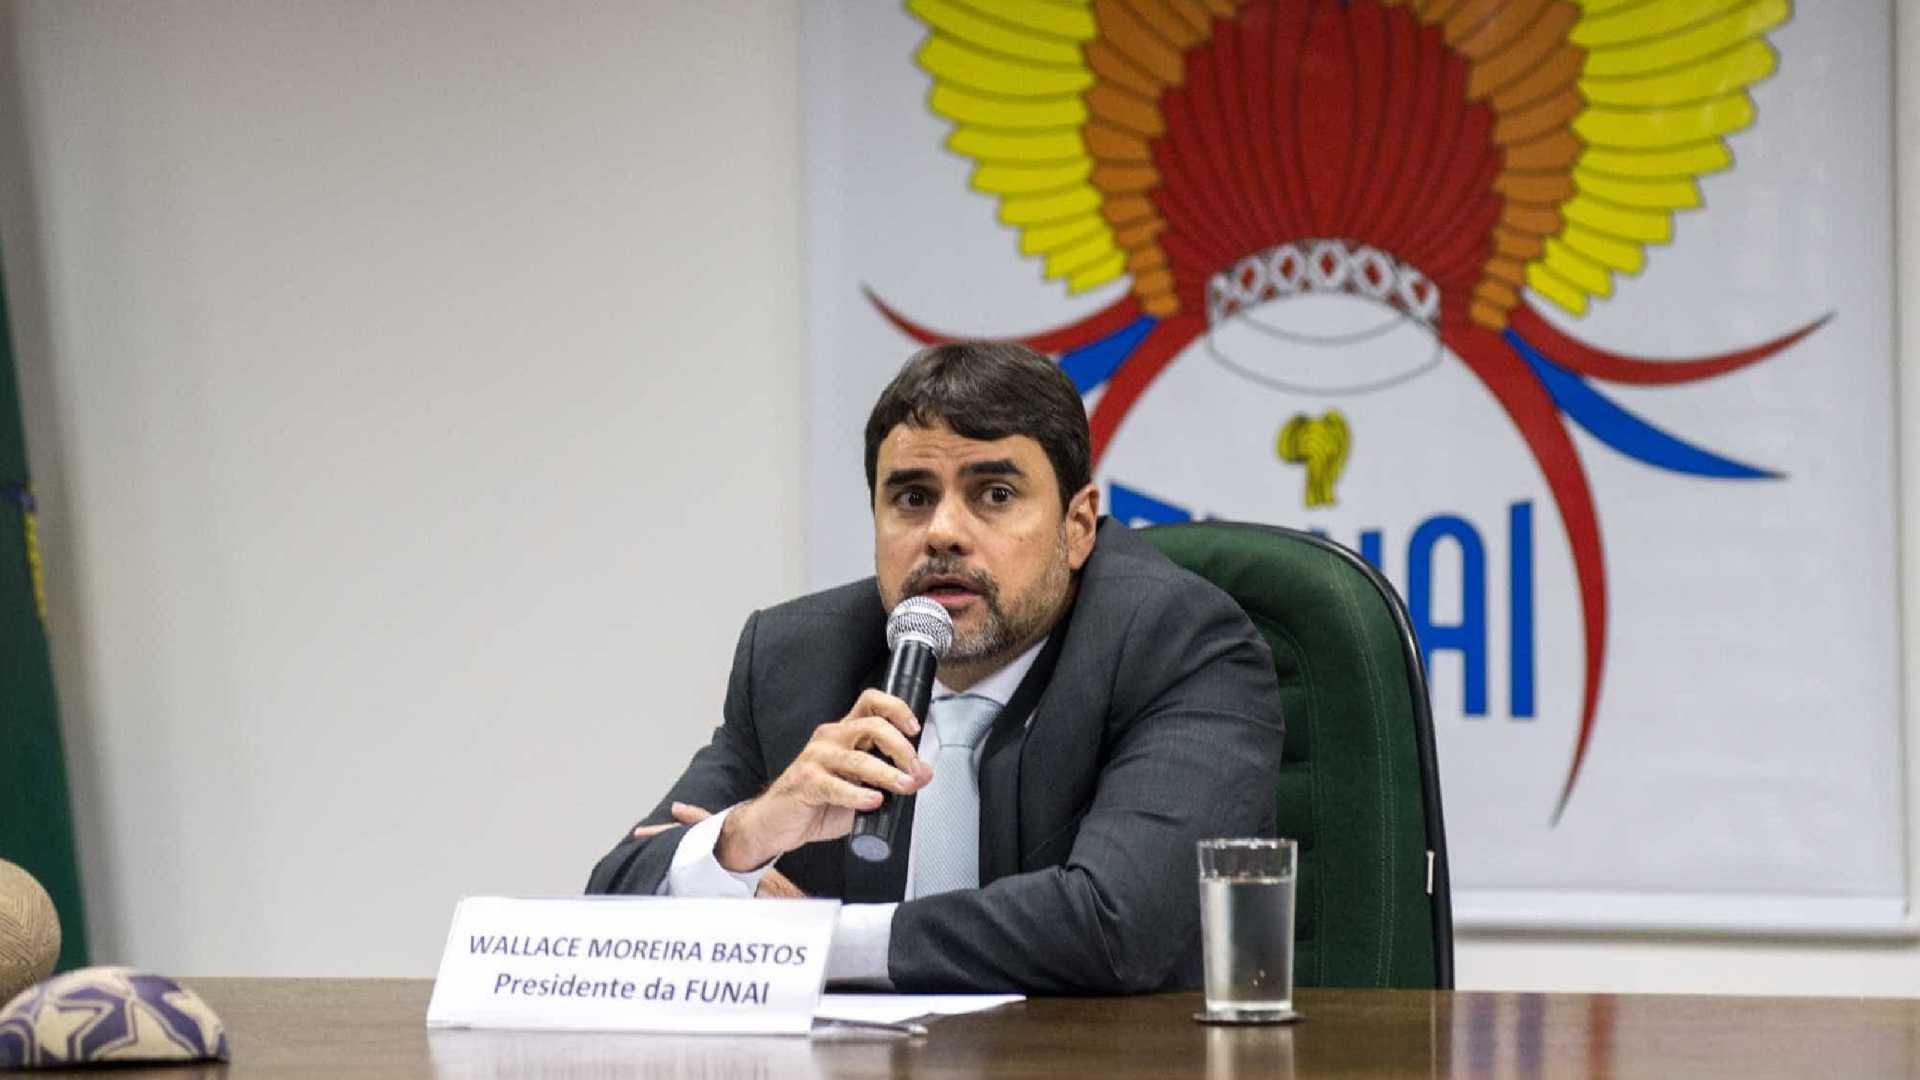 Presidente da Funai pede demissão do cargo